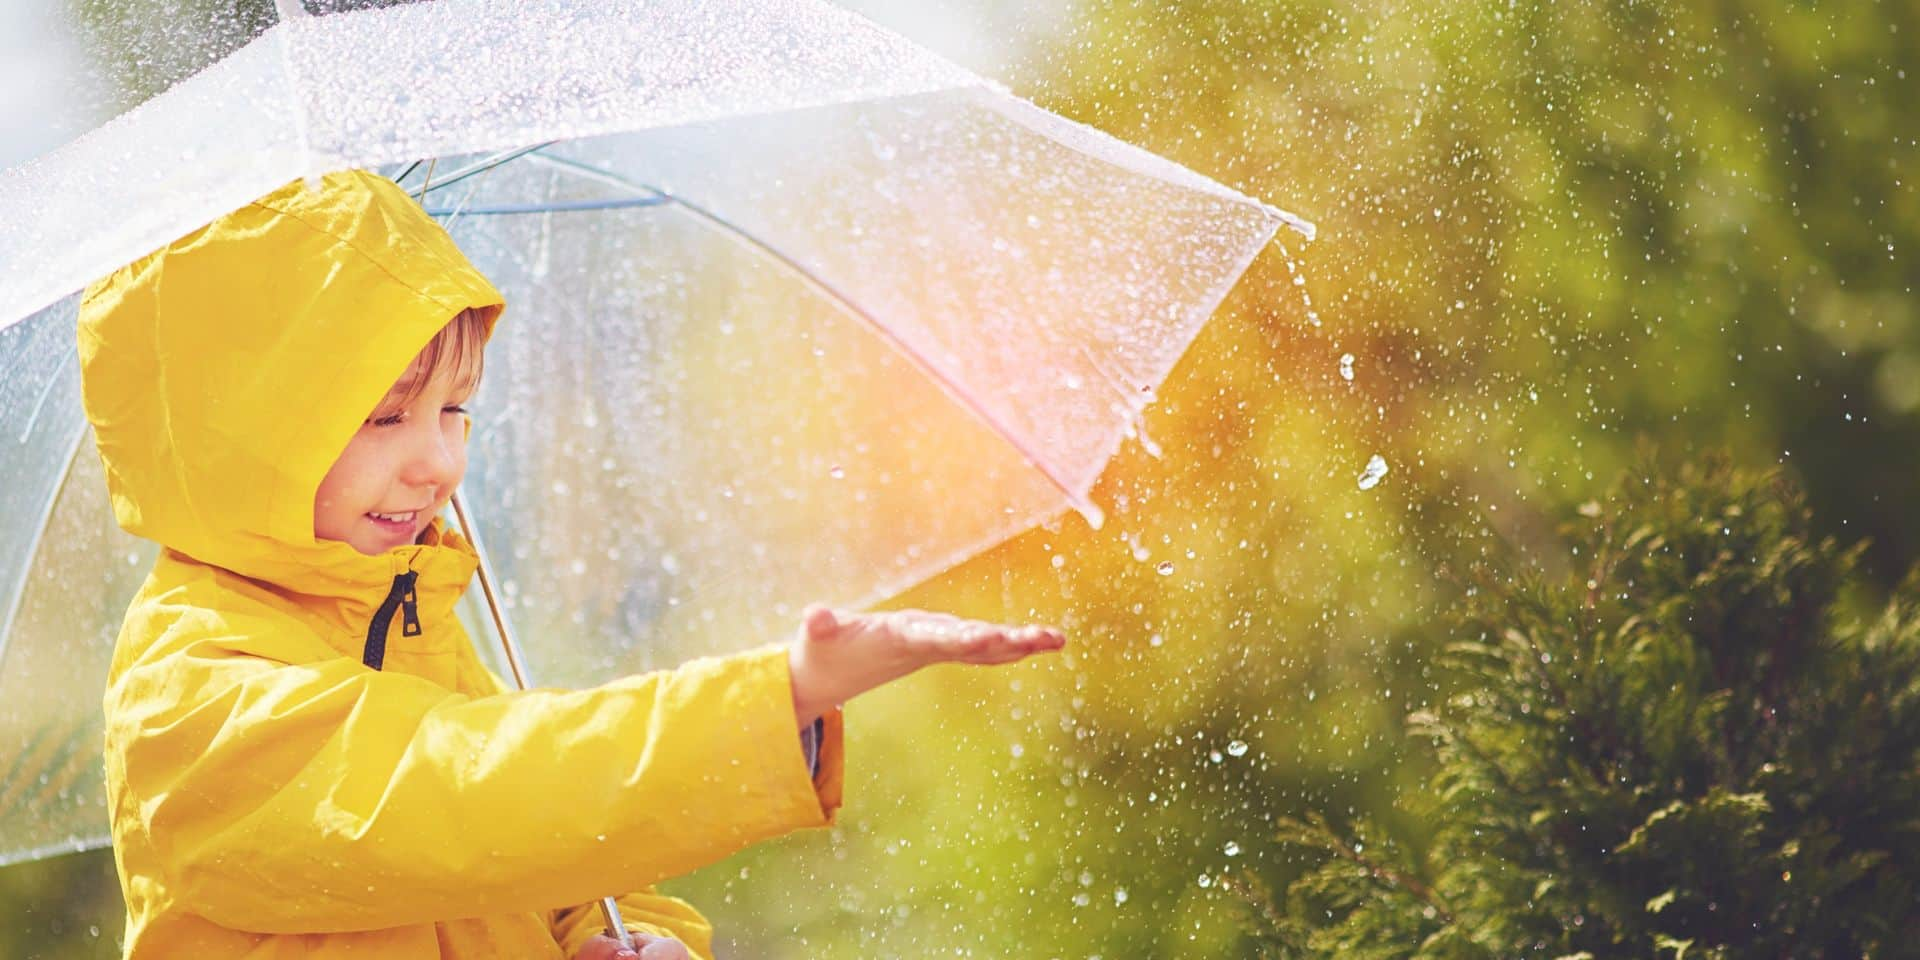 Météo: la douce pluie de la monotonie tombe sur la Belgique mardi